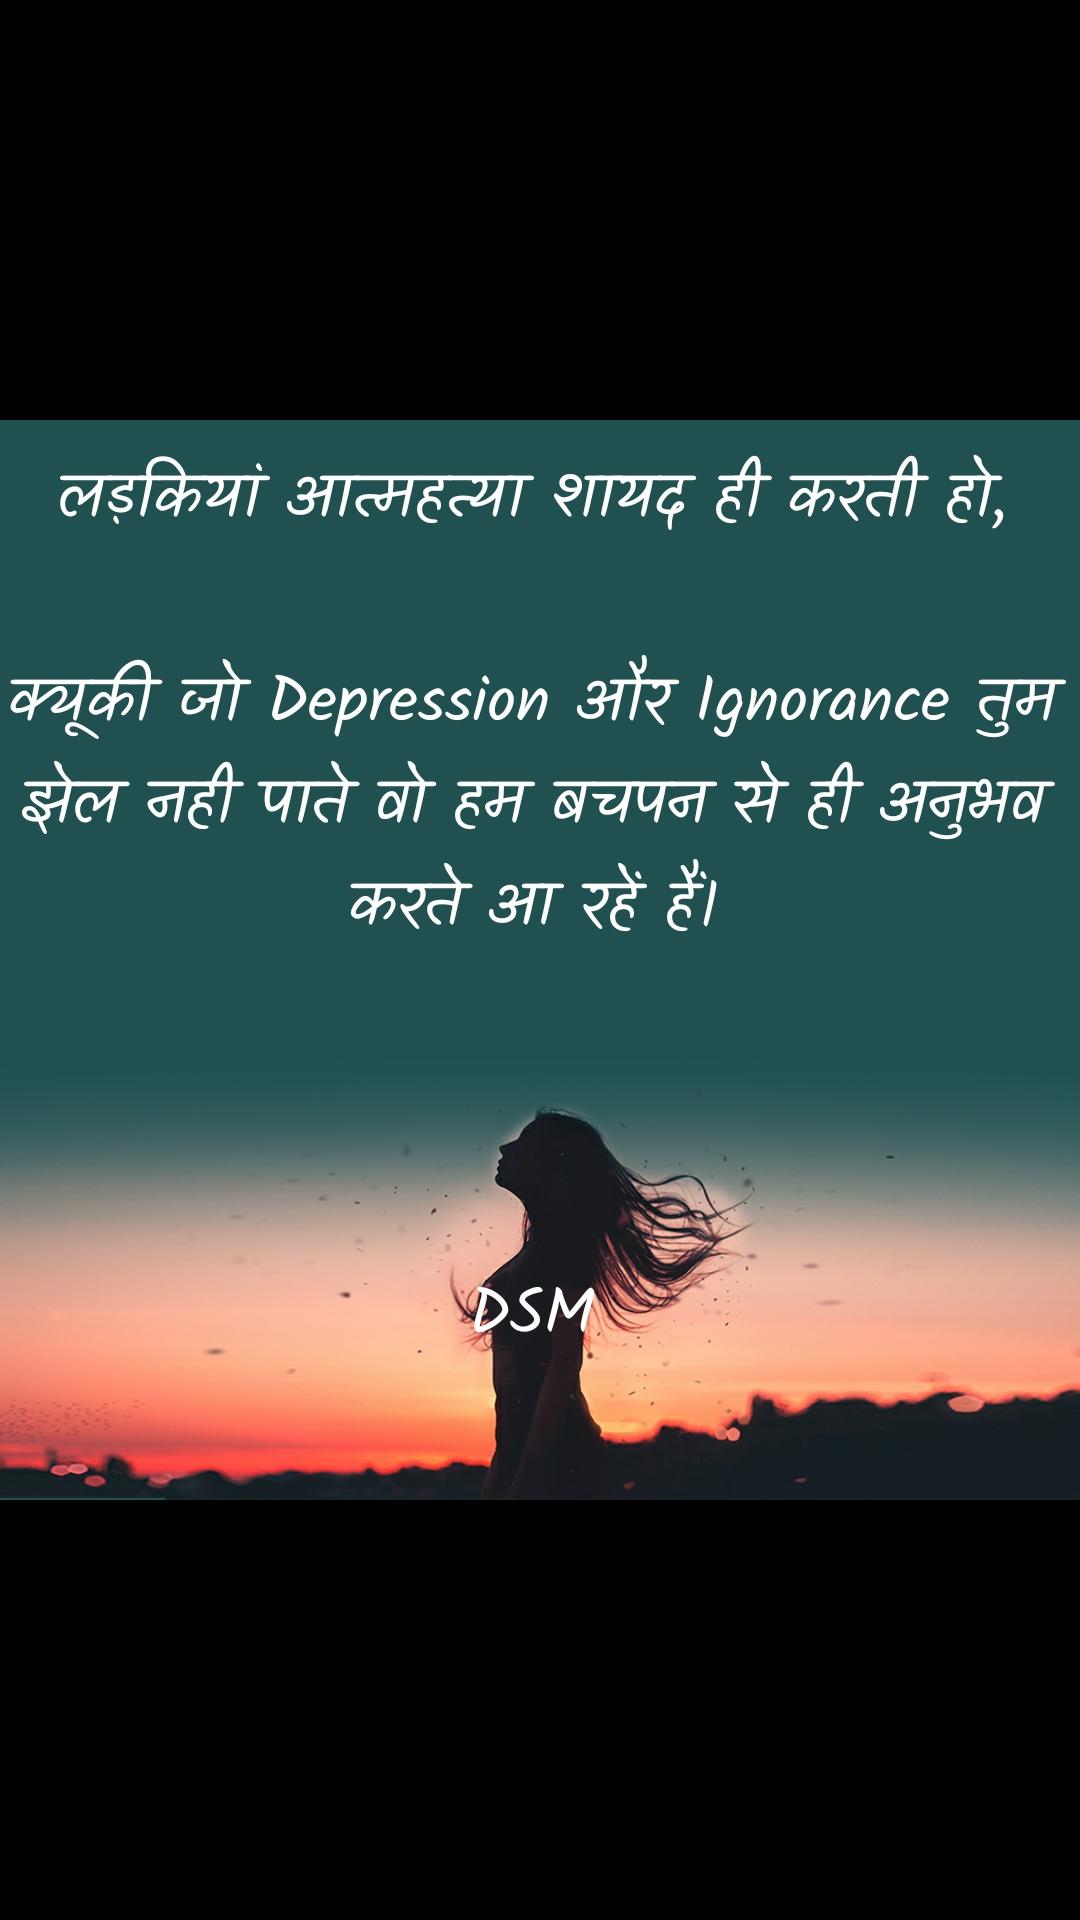 लड़कियां आत्महत्या शायद ही करती हो,  क्यूकी जो Depression और Ignorance तुम झेल नही पाते वो हम बचपन से ही अनुभव करते अा रहें हैं।    DSM